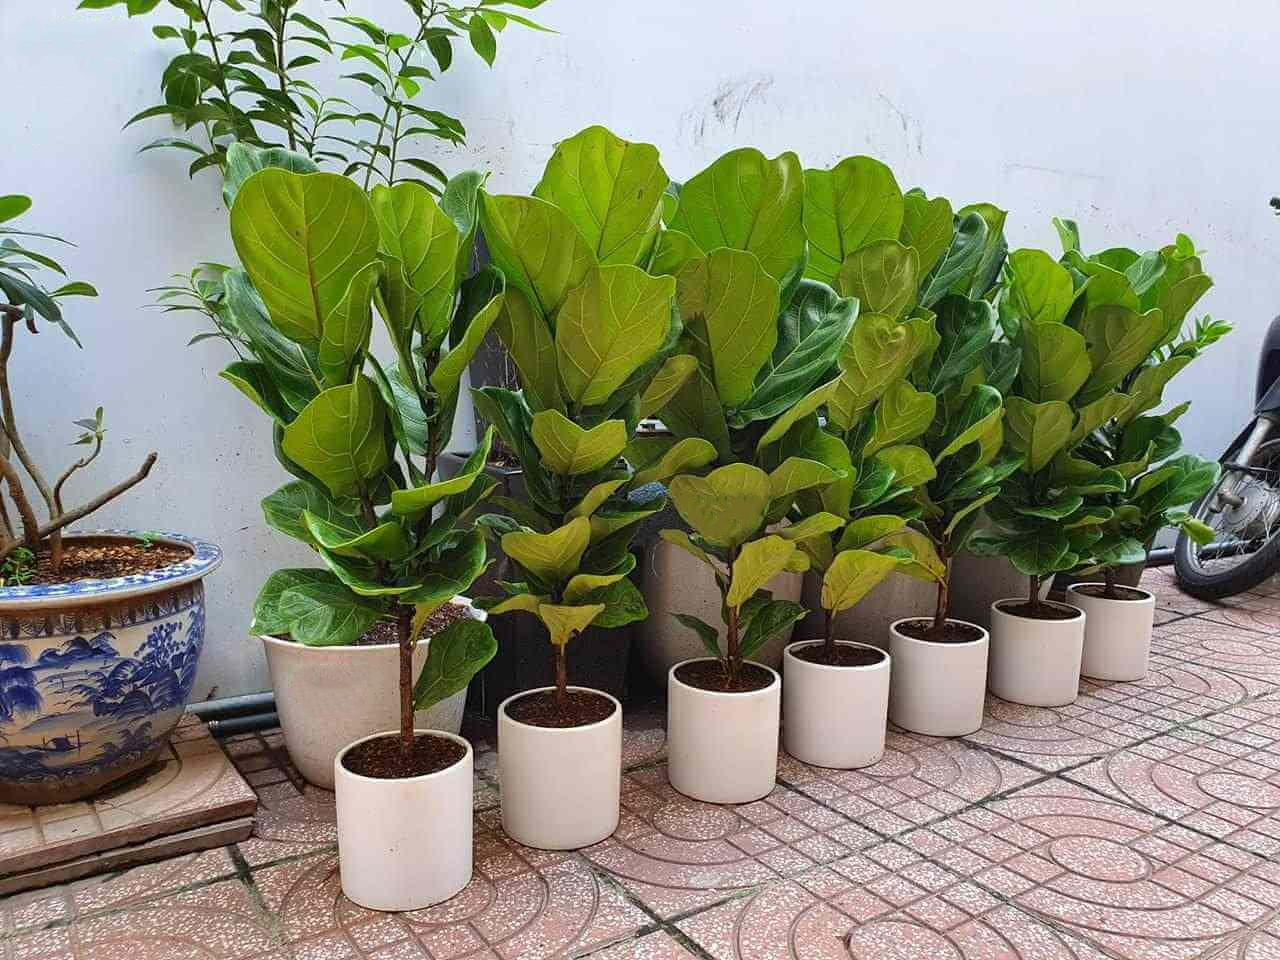 Ảnh cây bàng Singapore với nhiều kích thước